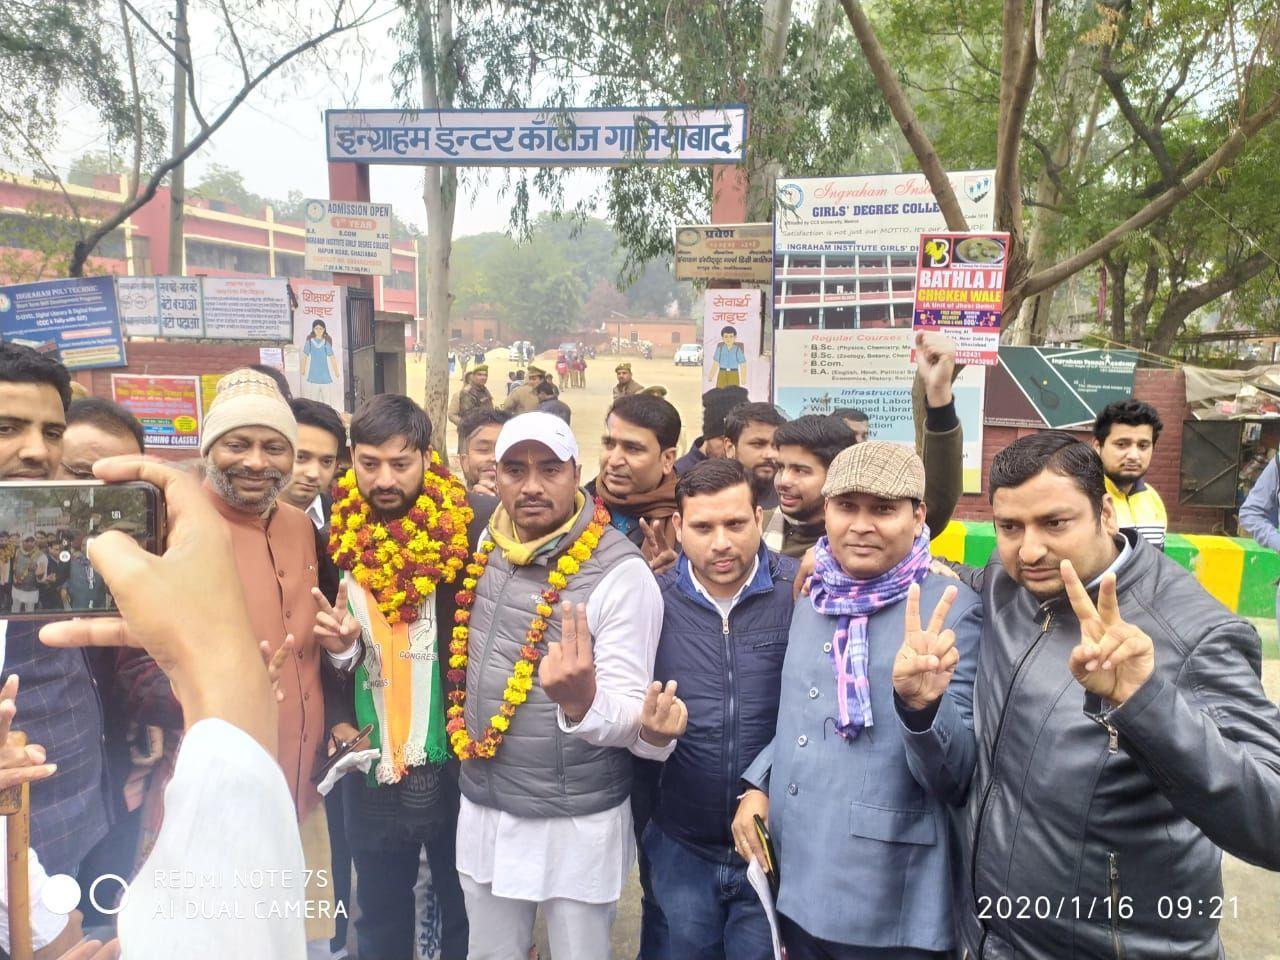 यूपी में उप चुनाव में कांग्रेस को मिली तीस साल बाद जीत, बीजेपी हार गई